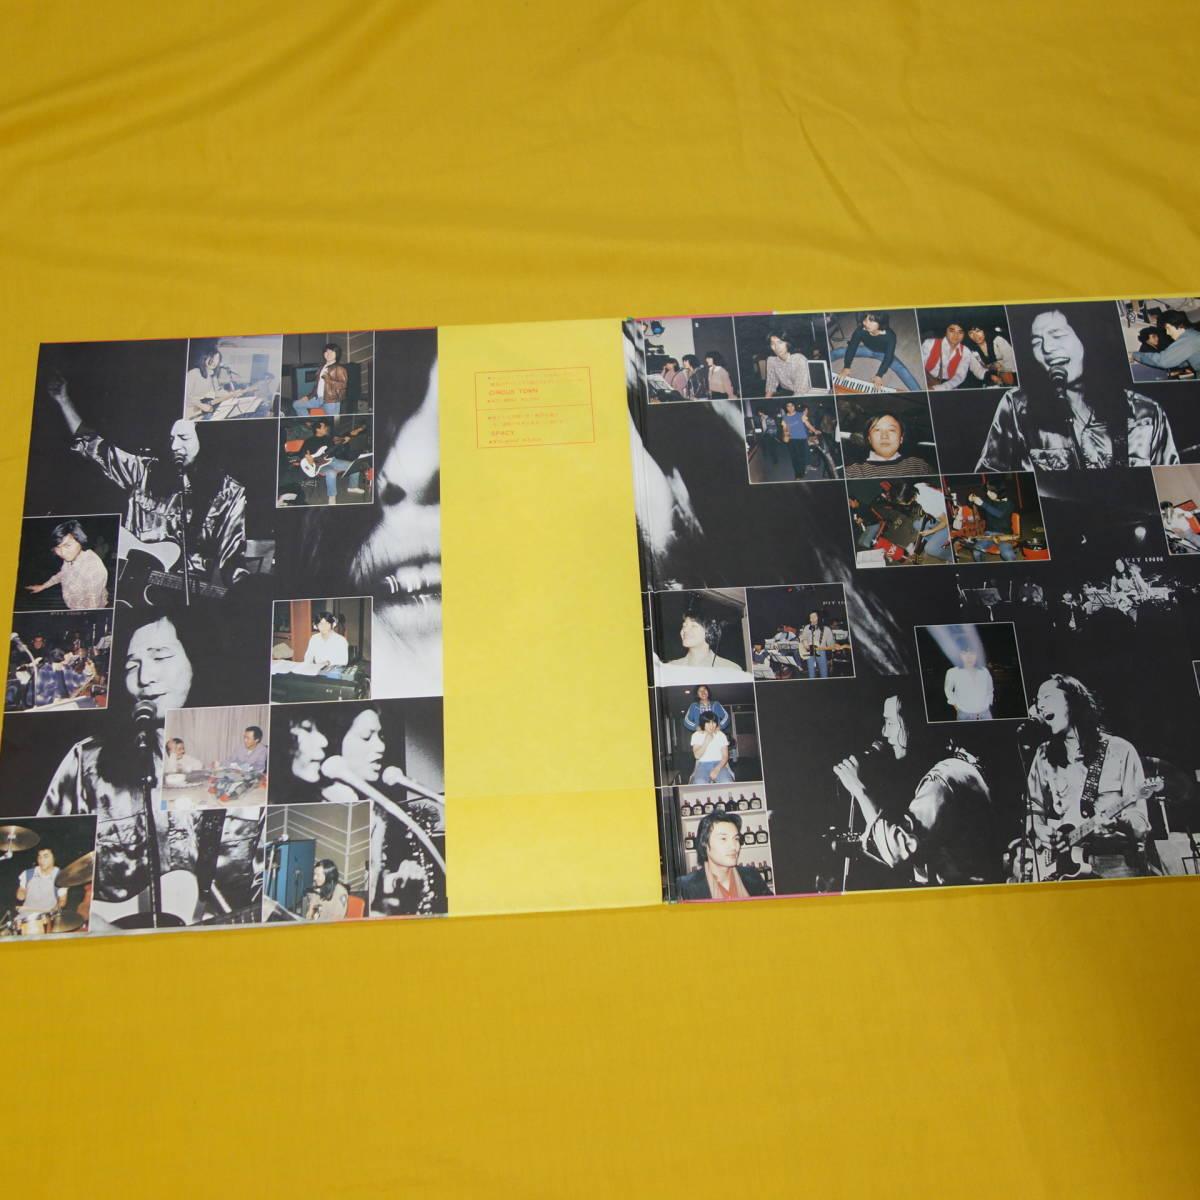 山下達郎 2枚組 RVL-4701~2 IT's A POPPIN' TIME / 帯付き 歌詞カード付き LP レコード アナログ盤 シティーポップ_画像4